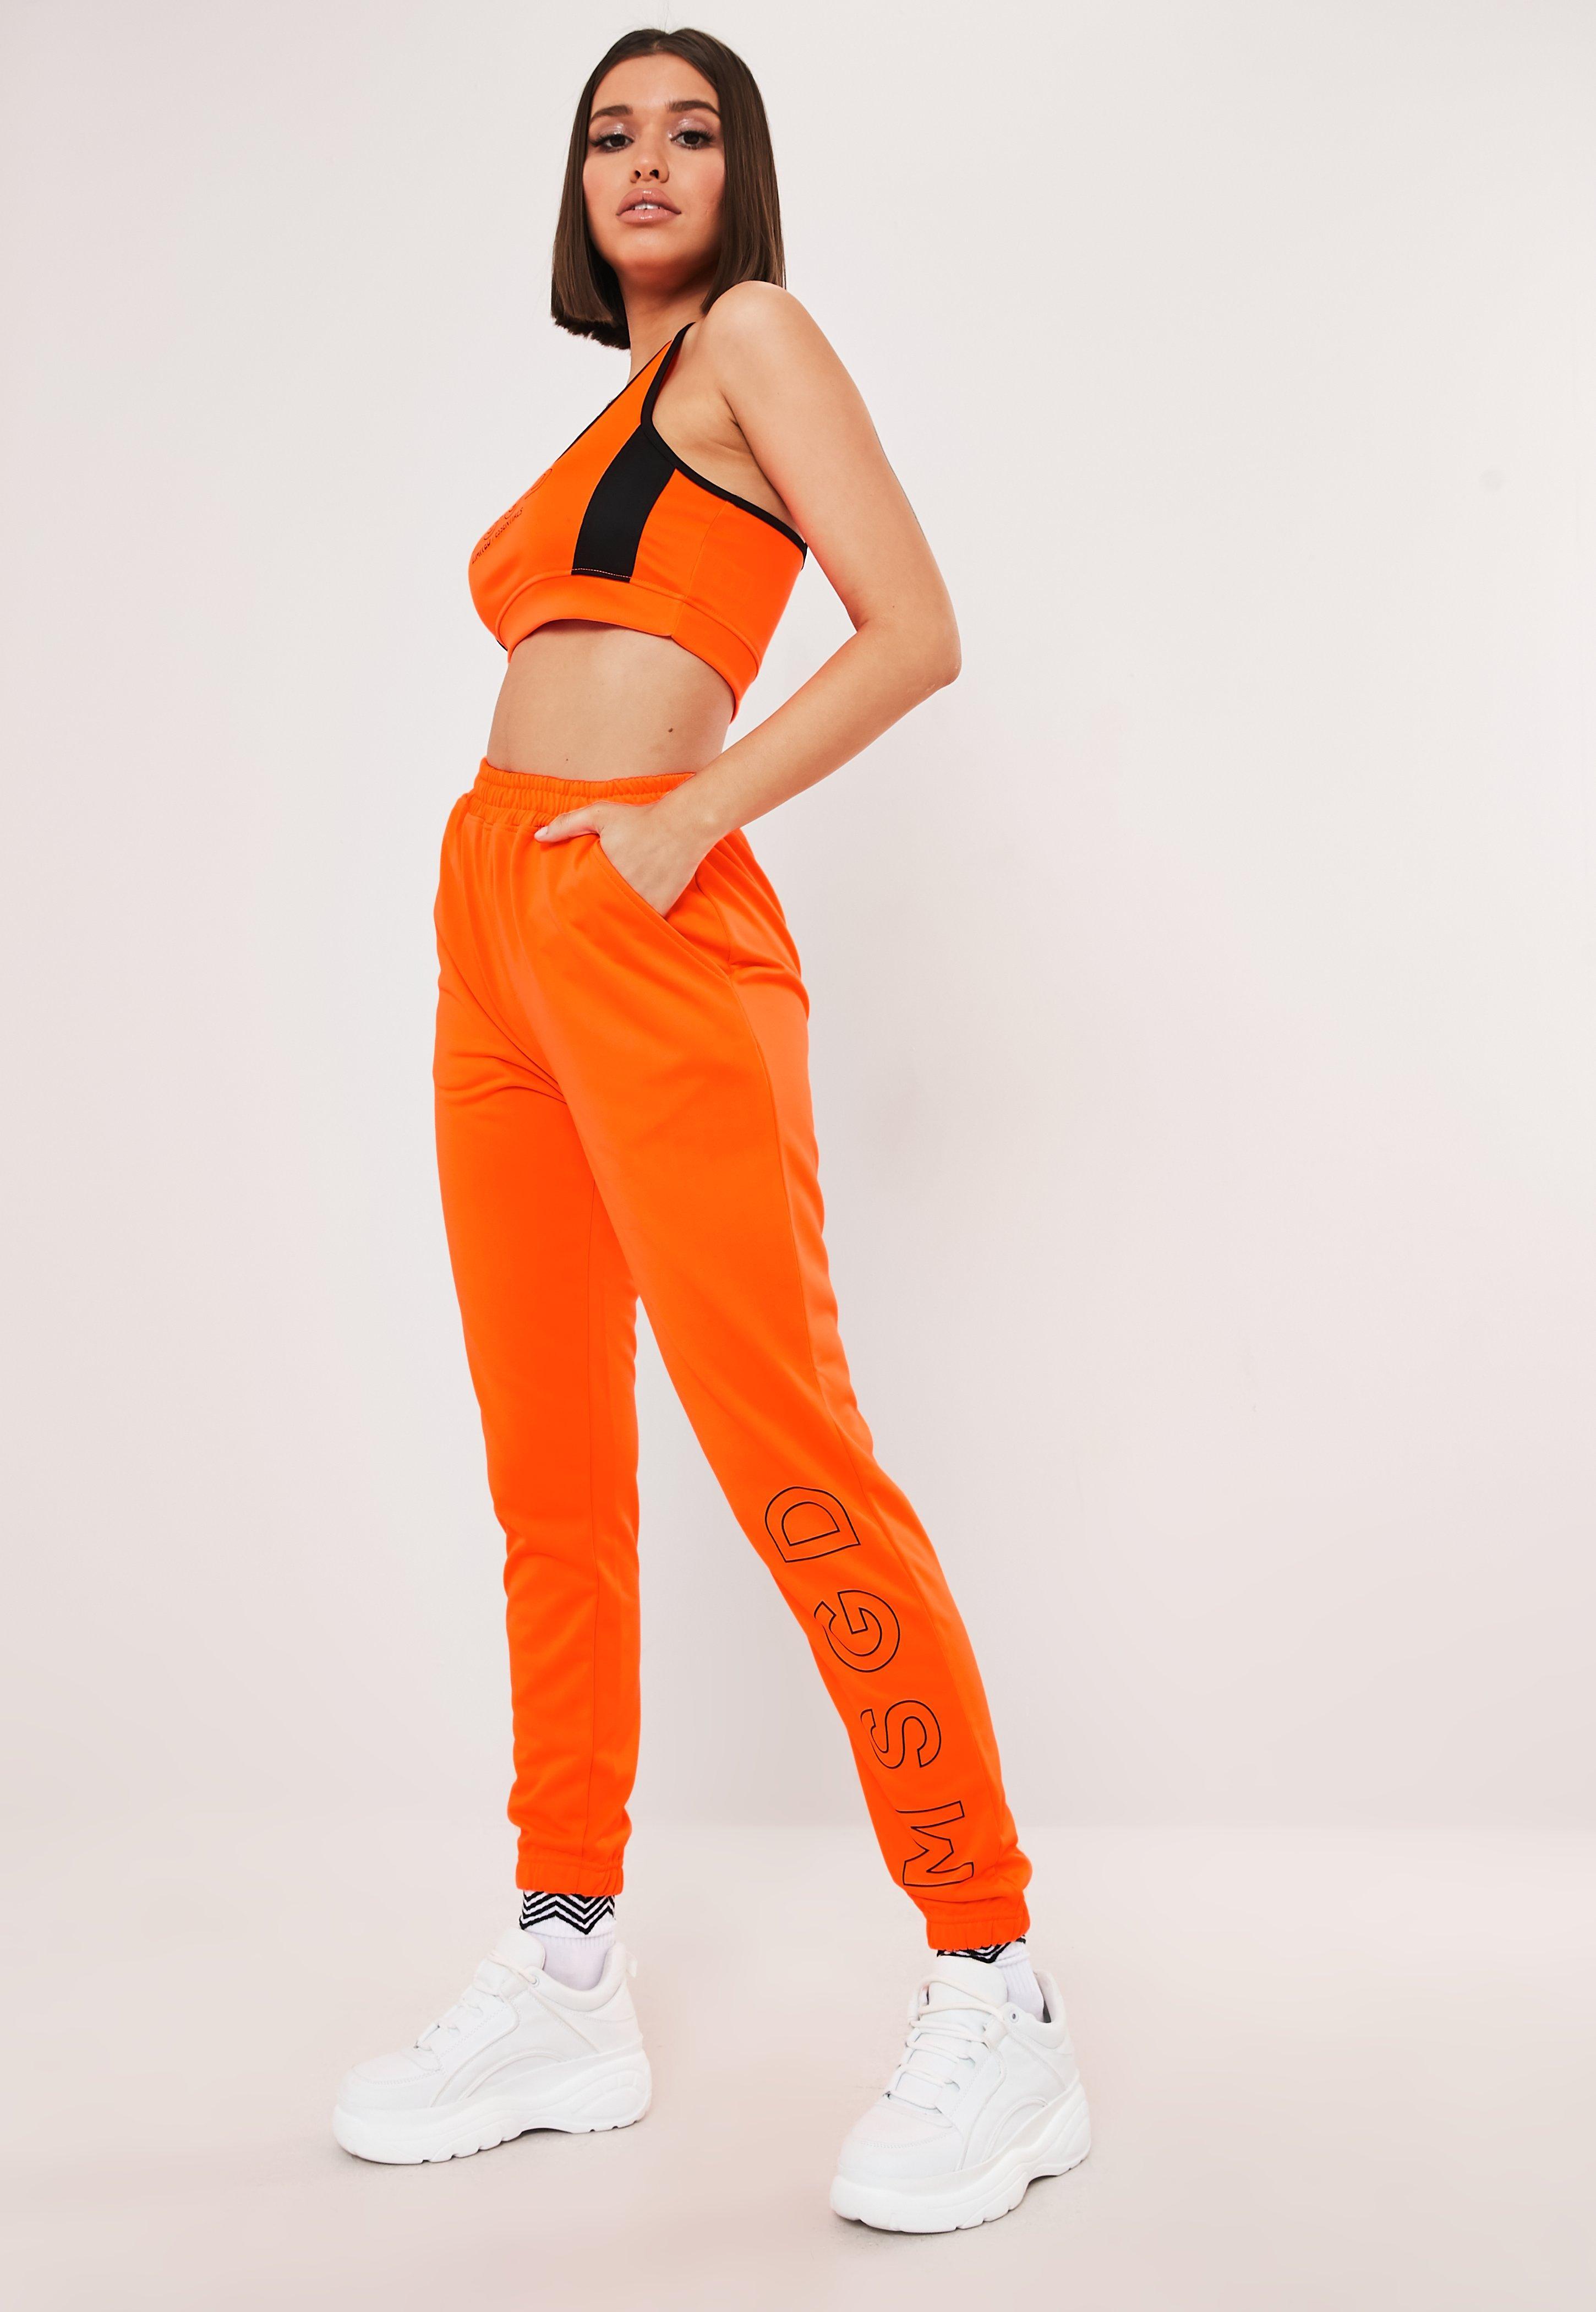 e4e20438c2d0 Neon Orange MSGD Gym Joggers